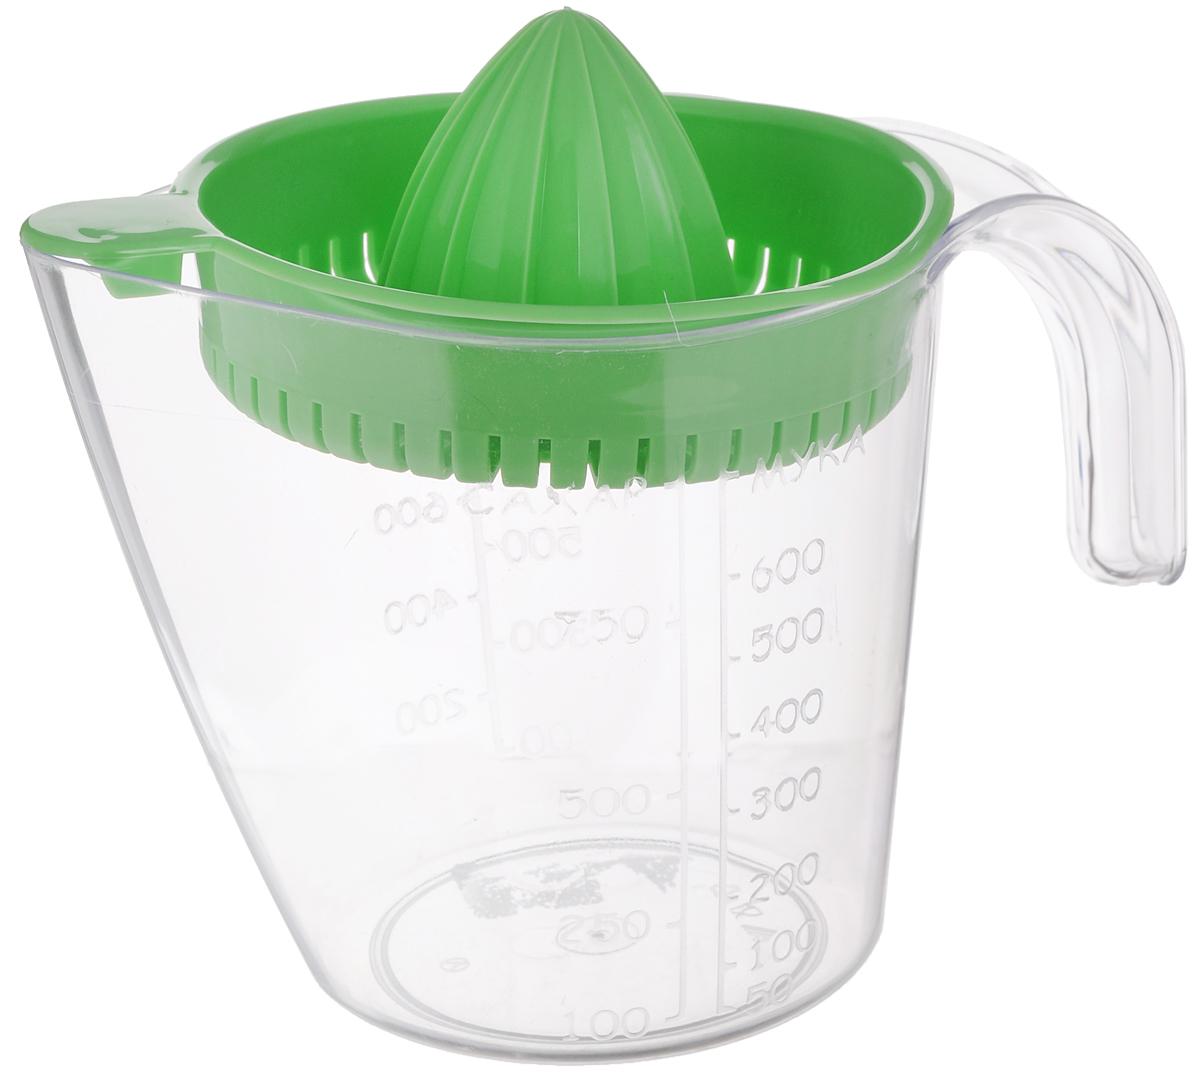 Соковыжималка для цитрусовых Альтернатива, ручная, с мерным стаканом, цвет: зеленый, 1,1 лZM-11026Ручная соковыжималка для цитрусовых Альтернатива, изготовленная из пластика, станет полезным аксессуаром на любой кухне. Она идеально подойдет для мелких и крупных цитрусовых фруктов. Достаточно разрезать фрукты пополам, зафиксировать на держателе и покрутить. Сок выливается в мерный стакан, входящий в комплект. Простая и удобная в использовании соковыжималка Альтернатива займет достойное место среди кухонного инвентаря. Размер соковыжималки: 16 см х 13,5 см х 6 см.Объем мерного стакана: 1100 мл.Диаметр стакана по верхнему краю: 13 см.Высота стакана: 13,5 см.